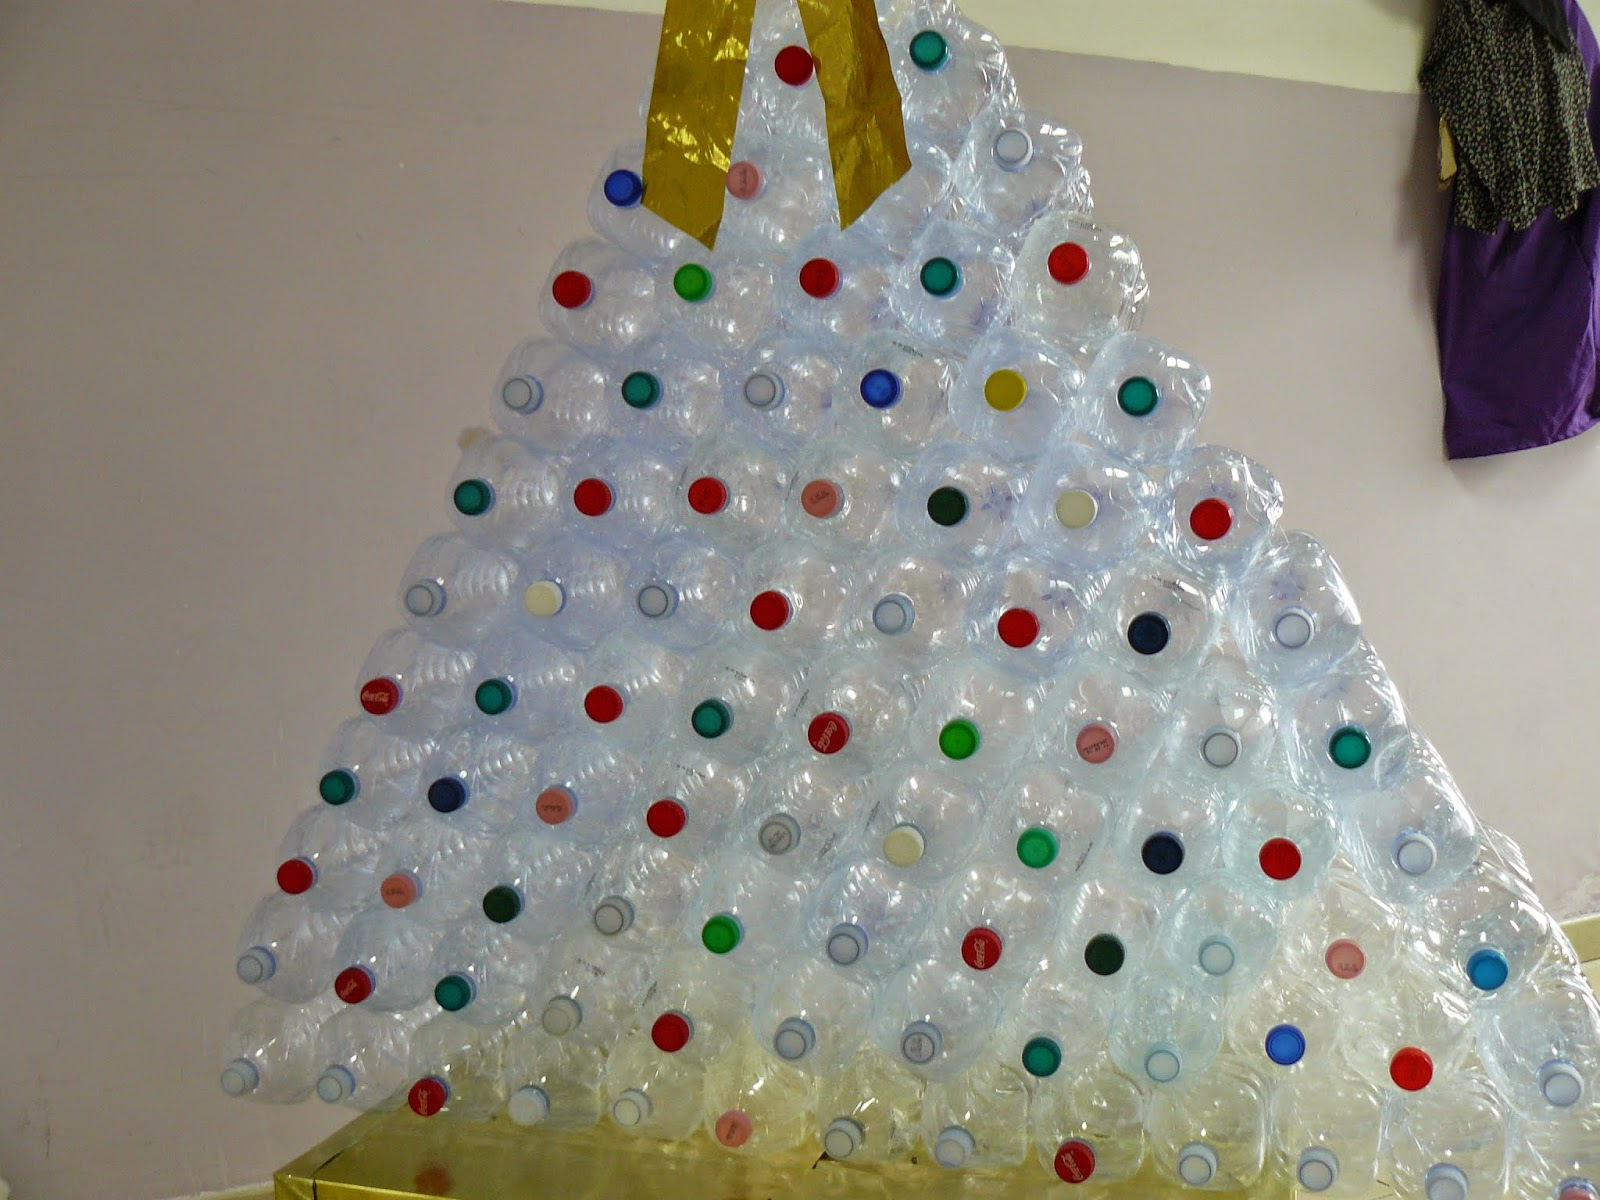 Laboratorio emozioni e creativit addobbi natalizi - Addobbi natalizi per finestre scuola infanzia ...